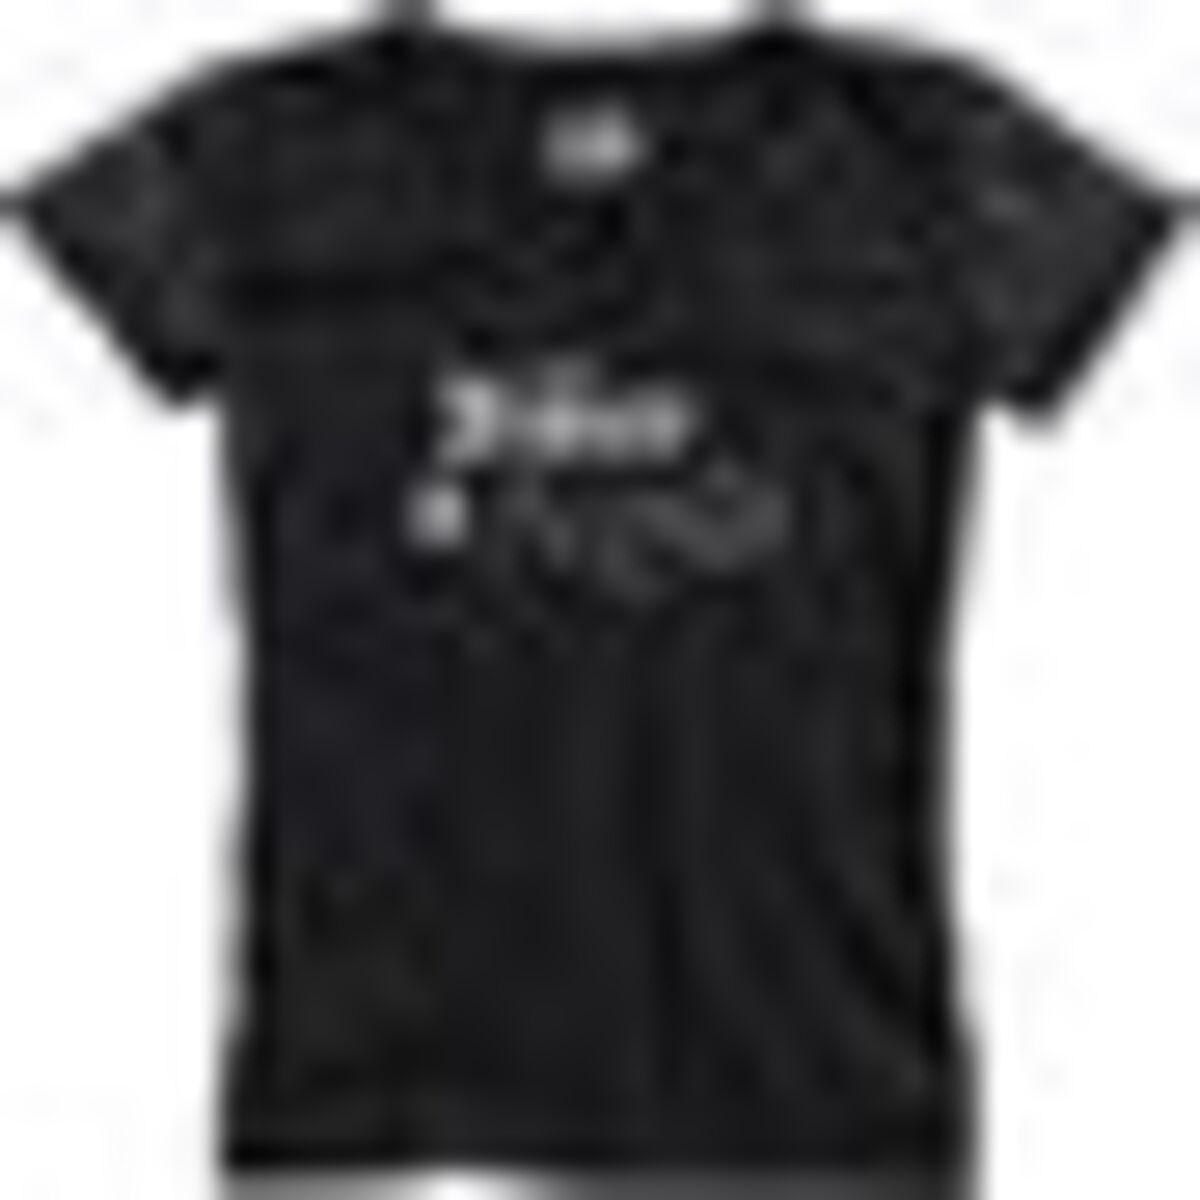 Bild 3 von Spirit Motors            T-Shirt 4.0 schwarz